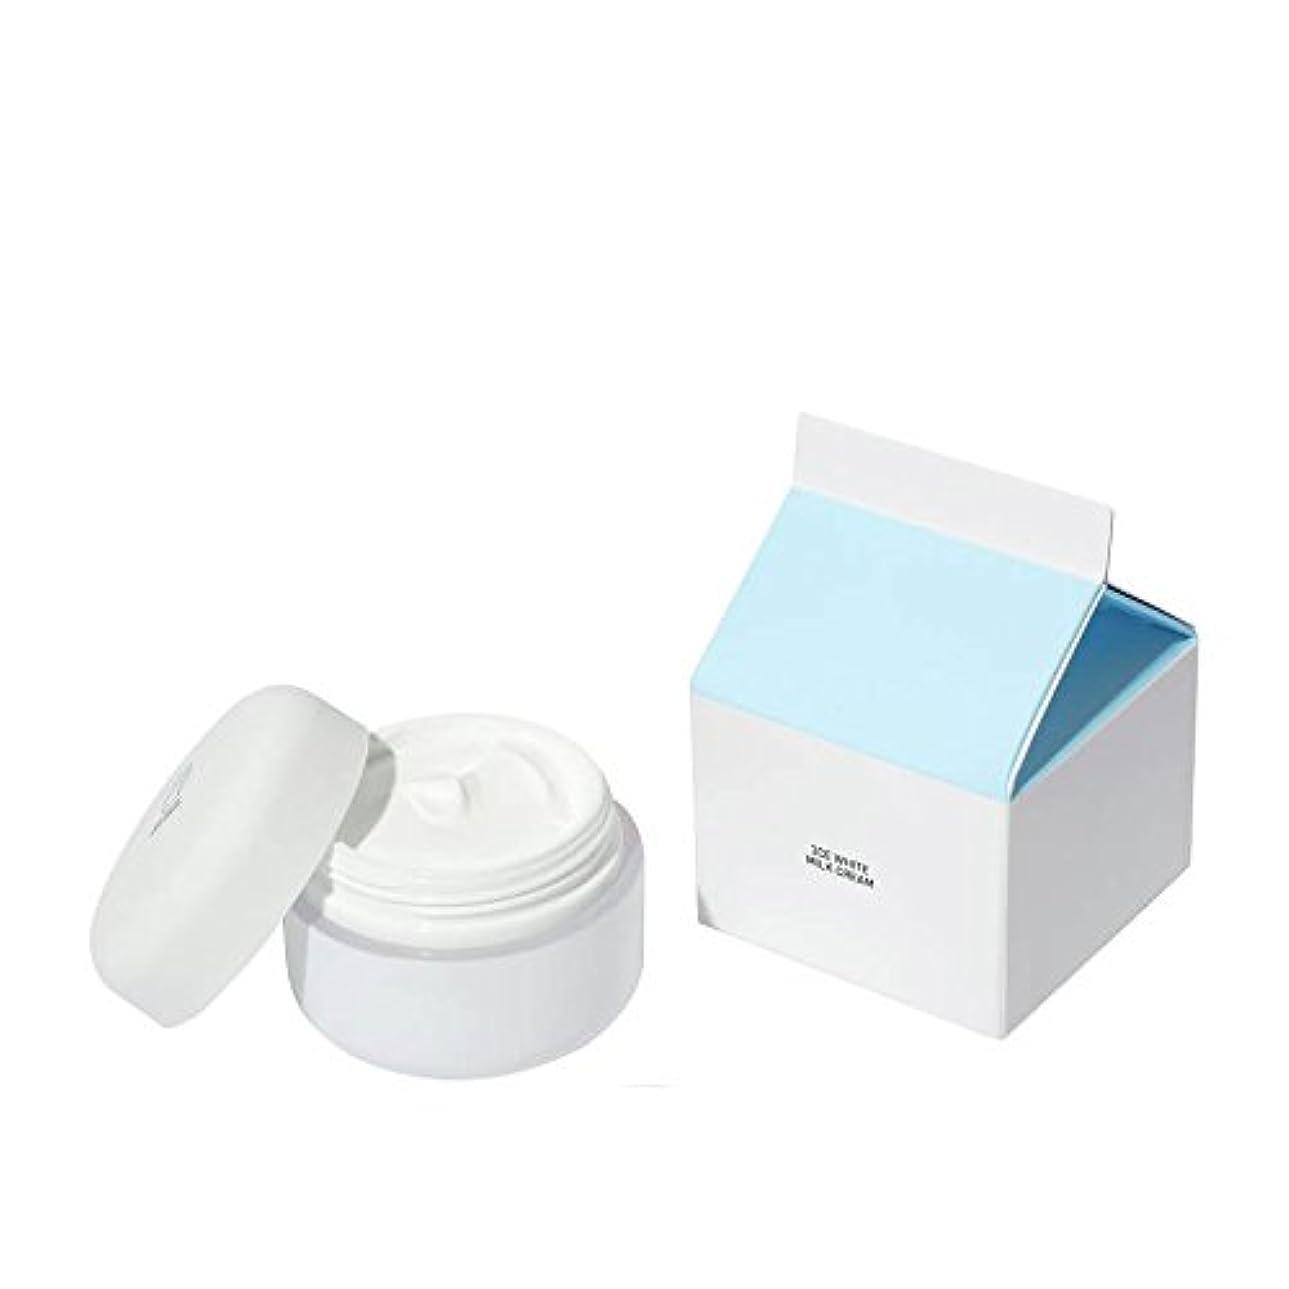 スナック海嶺母音[3CE] ホワイトミルククリーム(White Milk Cream) 50g